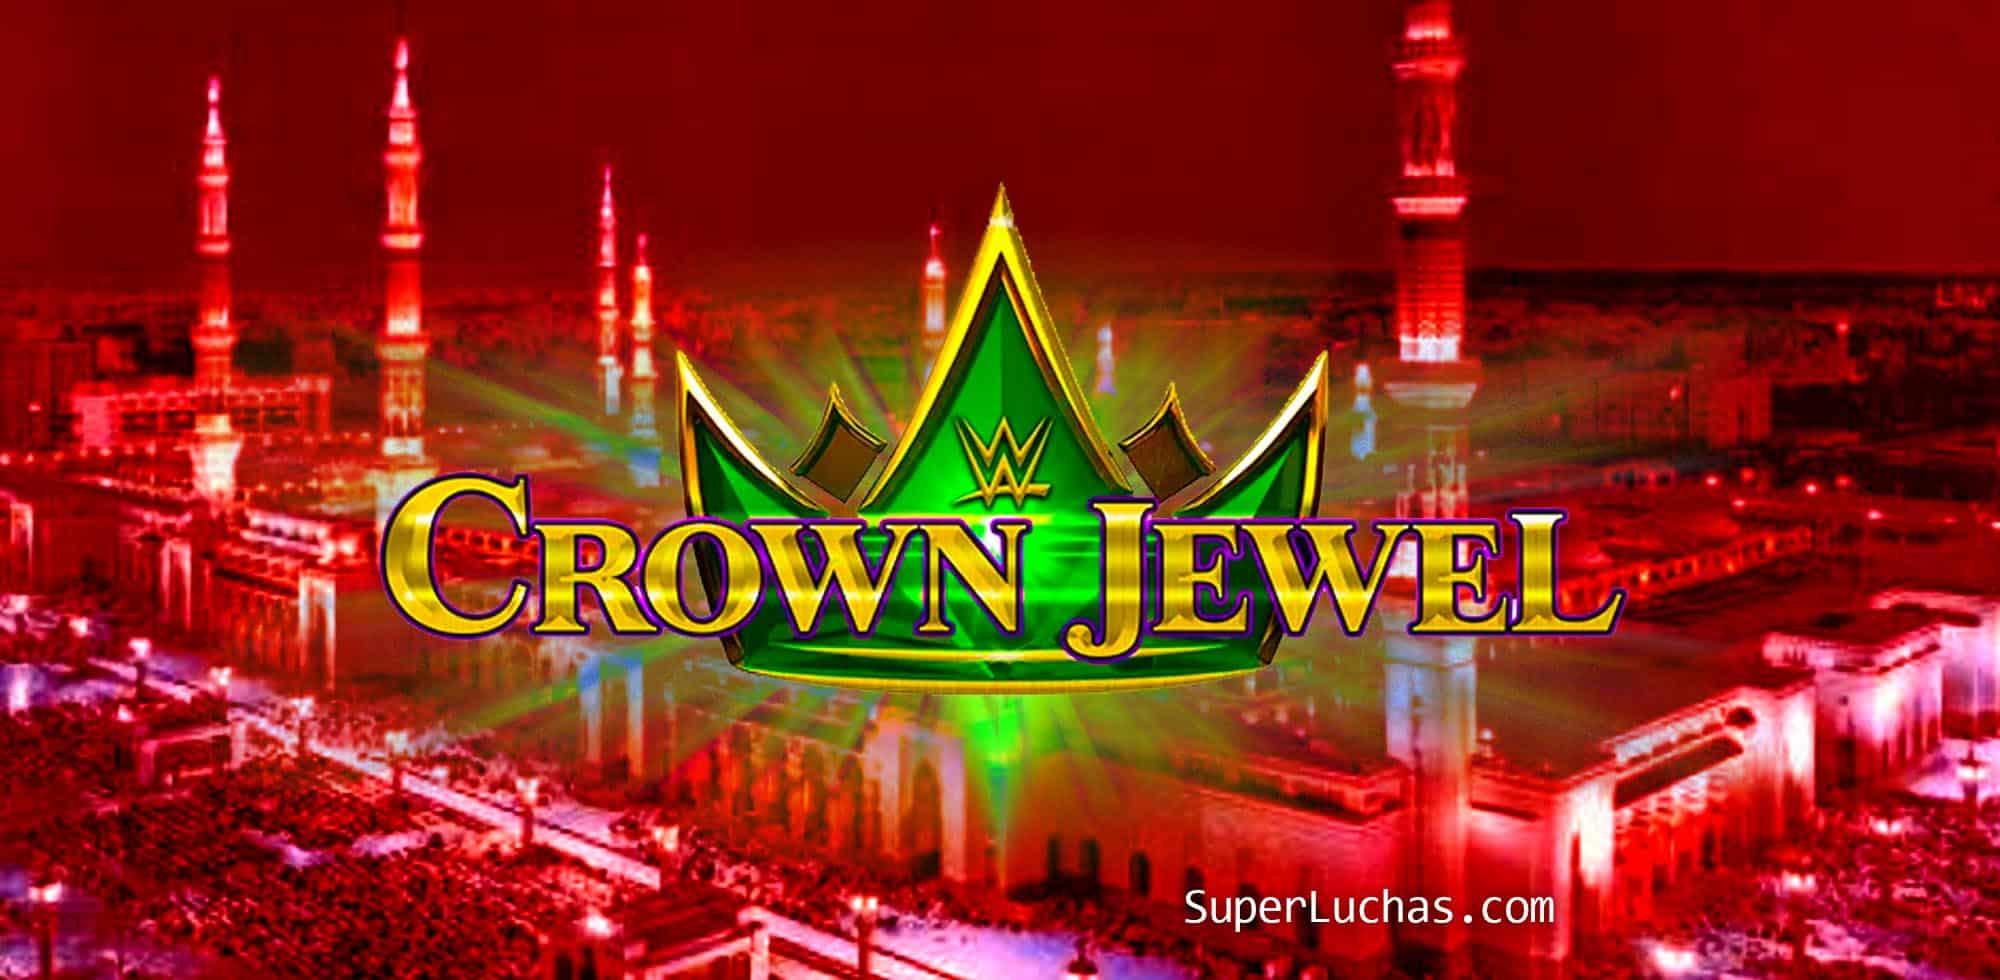 La nueva ocurrencia luchística anunciada para Crown Jewel 2019 1